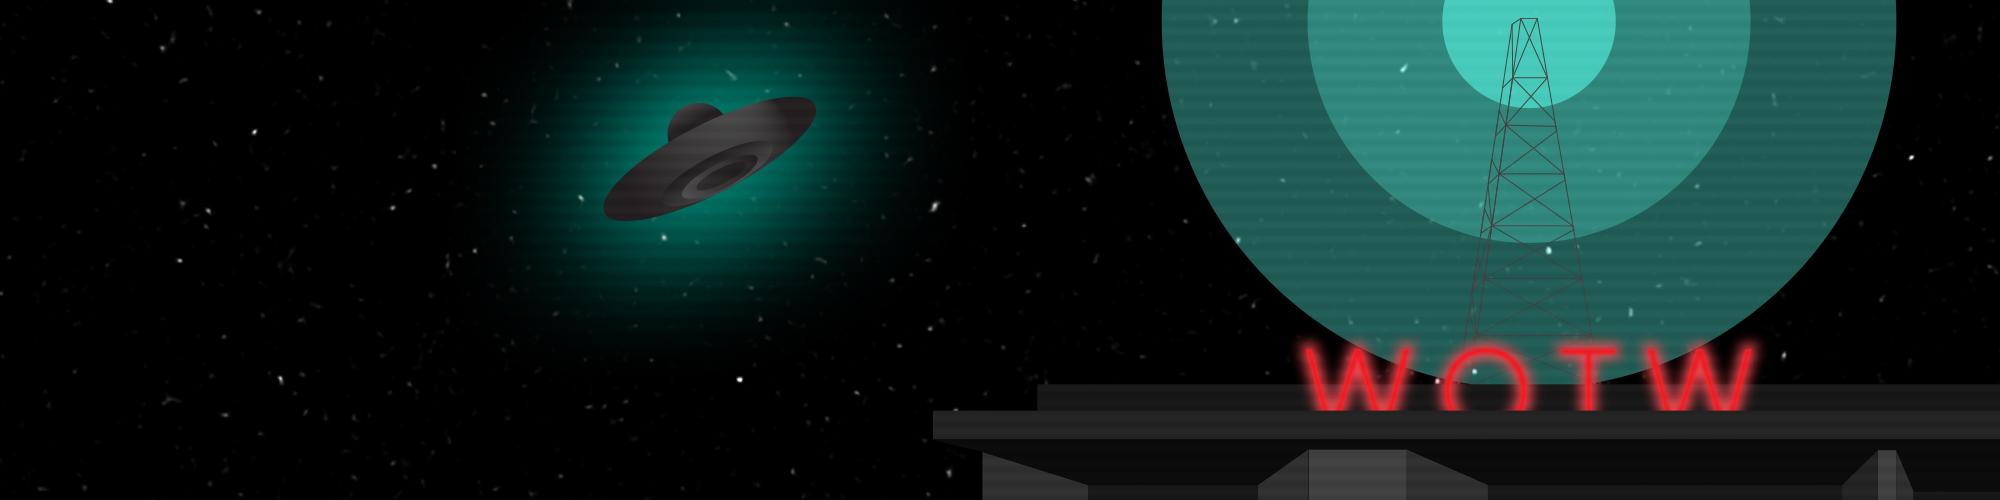 The Vast of Night UFO Mythology